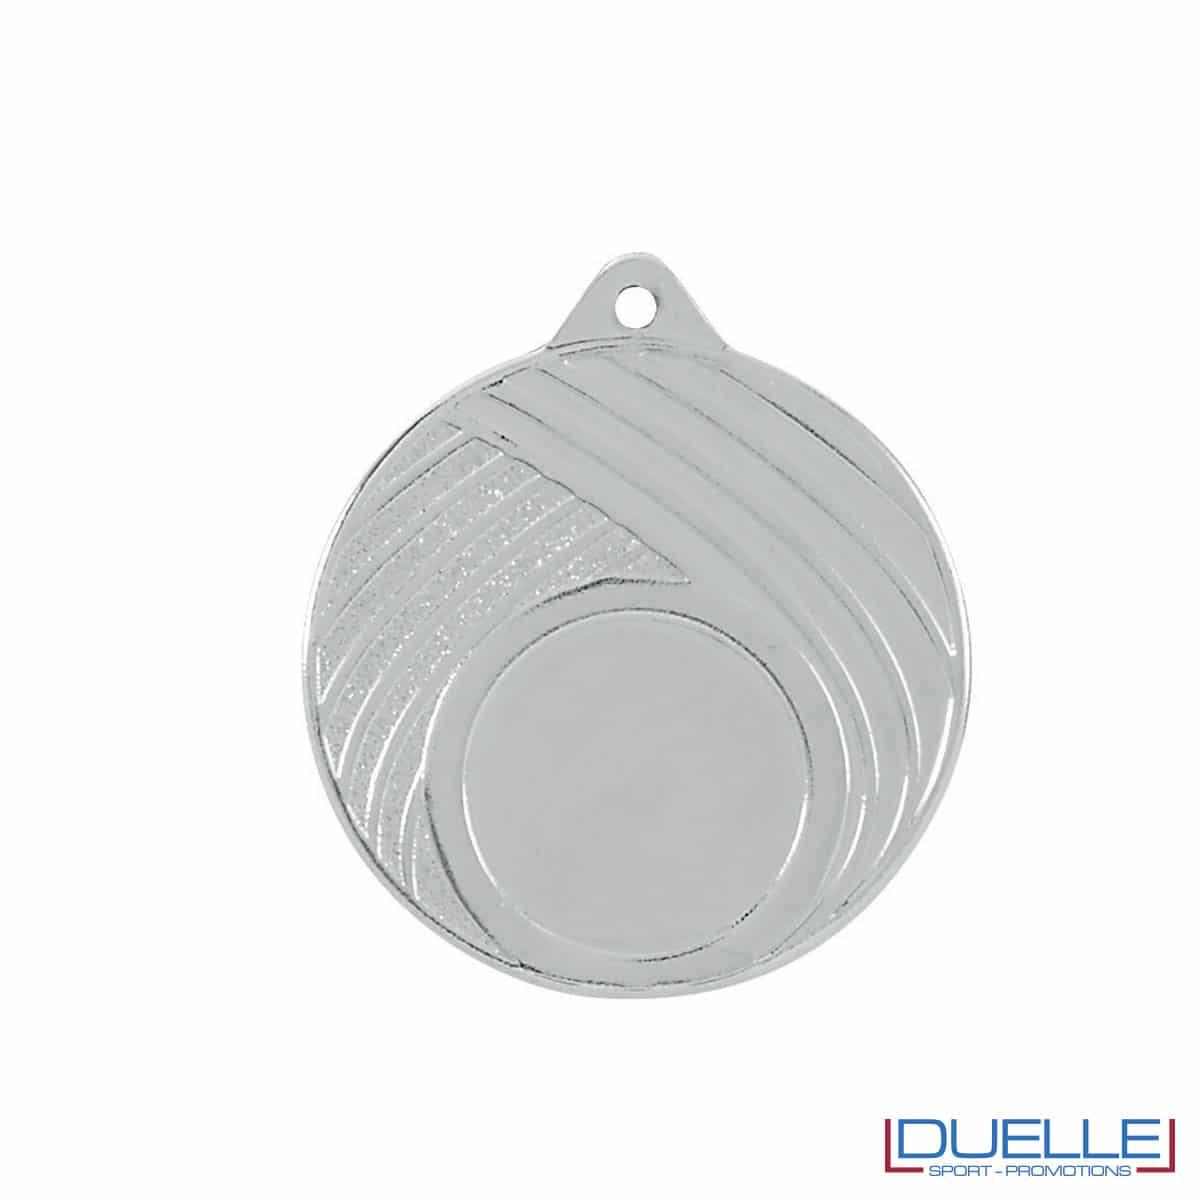 Medaglia in argento 50mm con decorazione a strisce personalizzabile